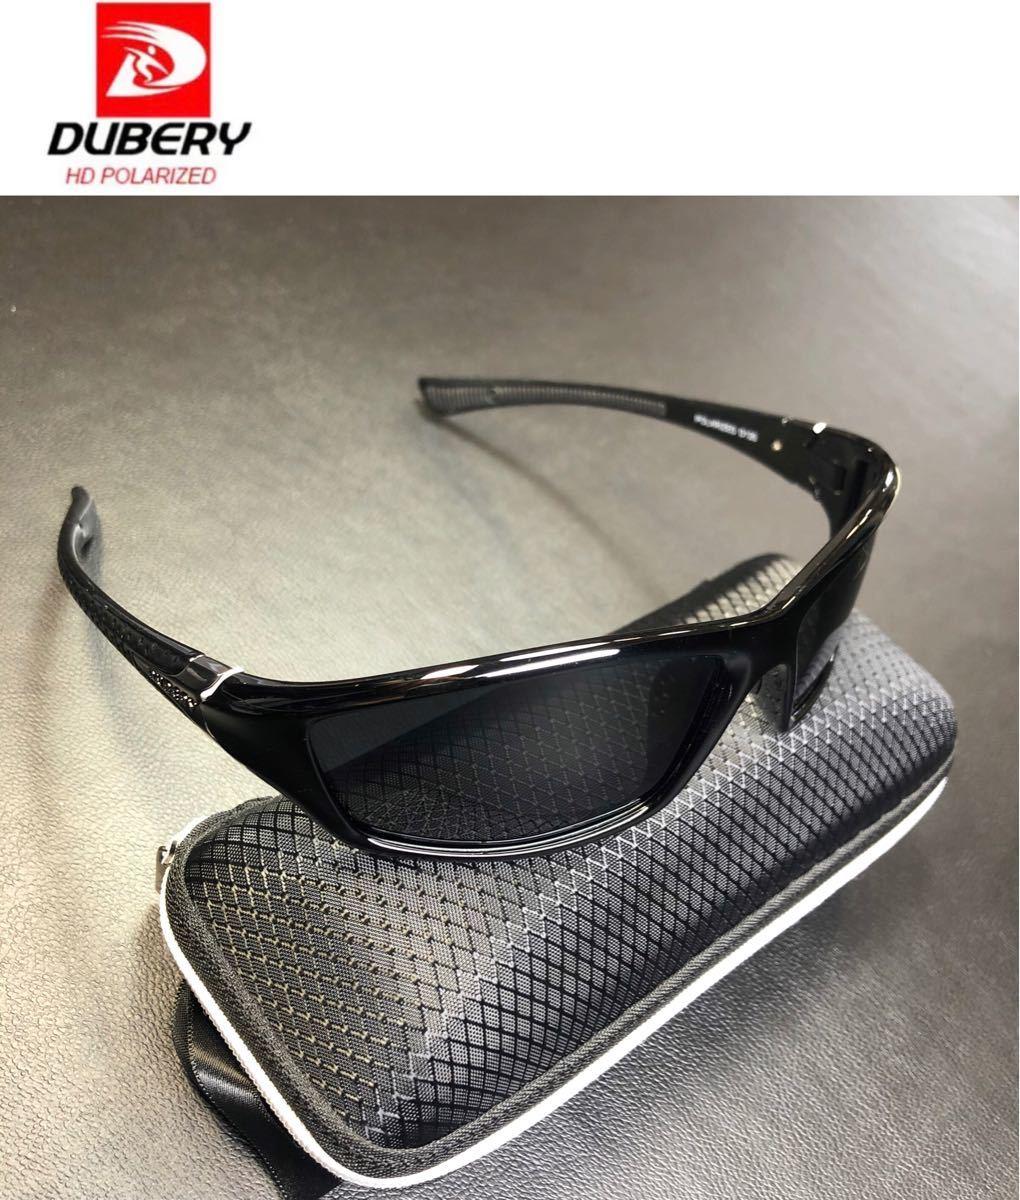 DUBERY サングラス 偏光グラス UV400 軽量 車  釣り アウトドア スポーツサングラス 超軽量 釣りドライブ